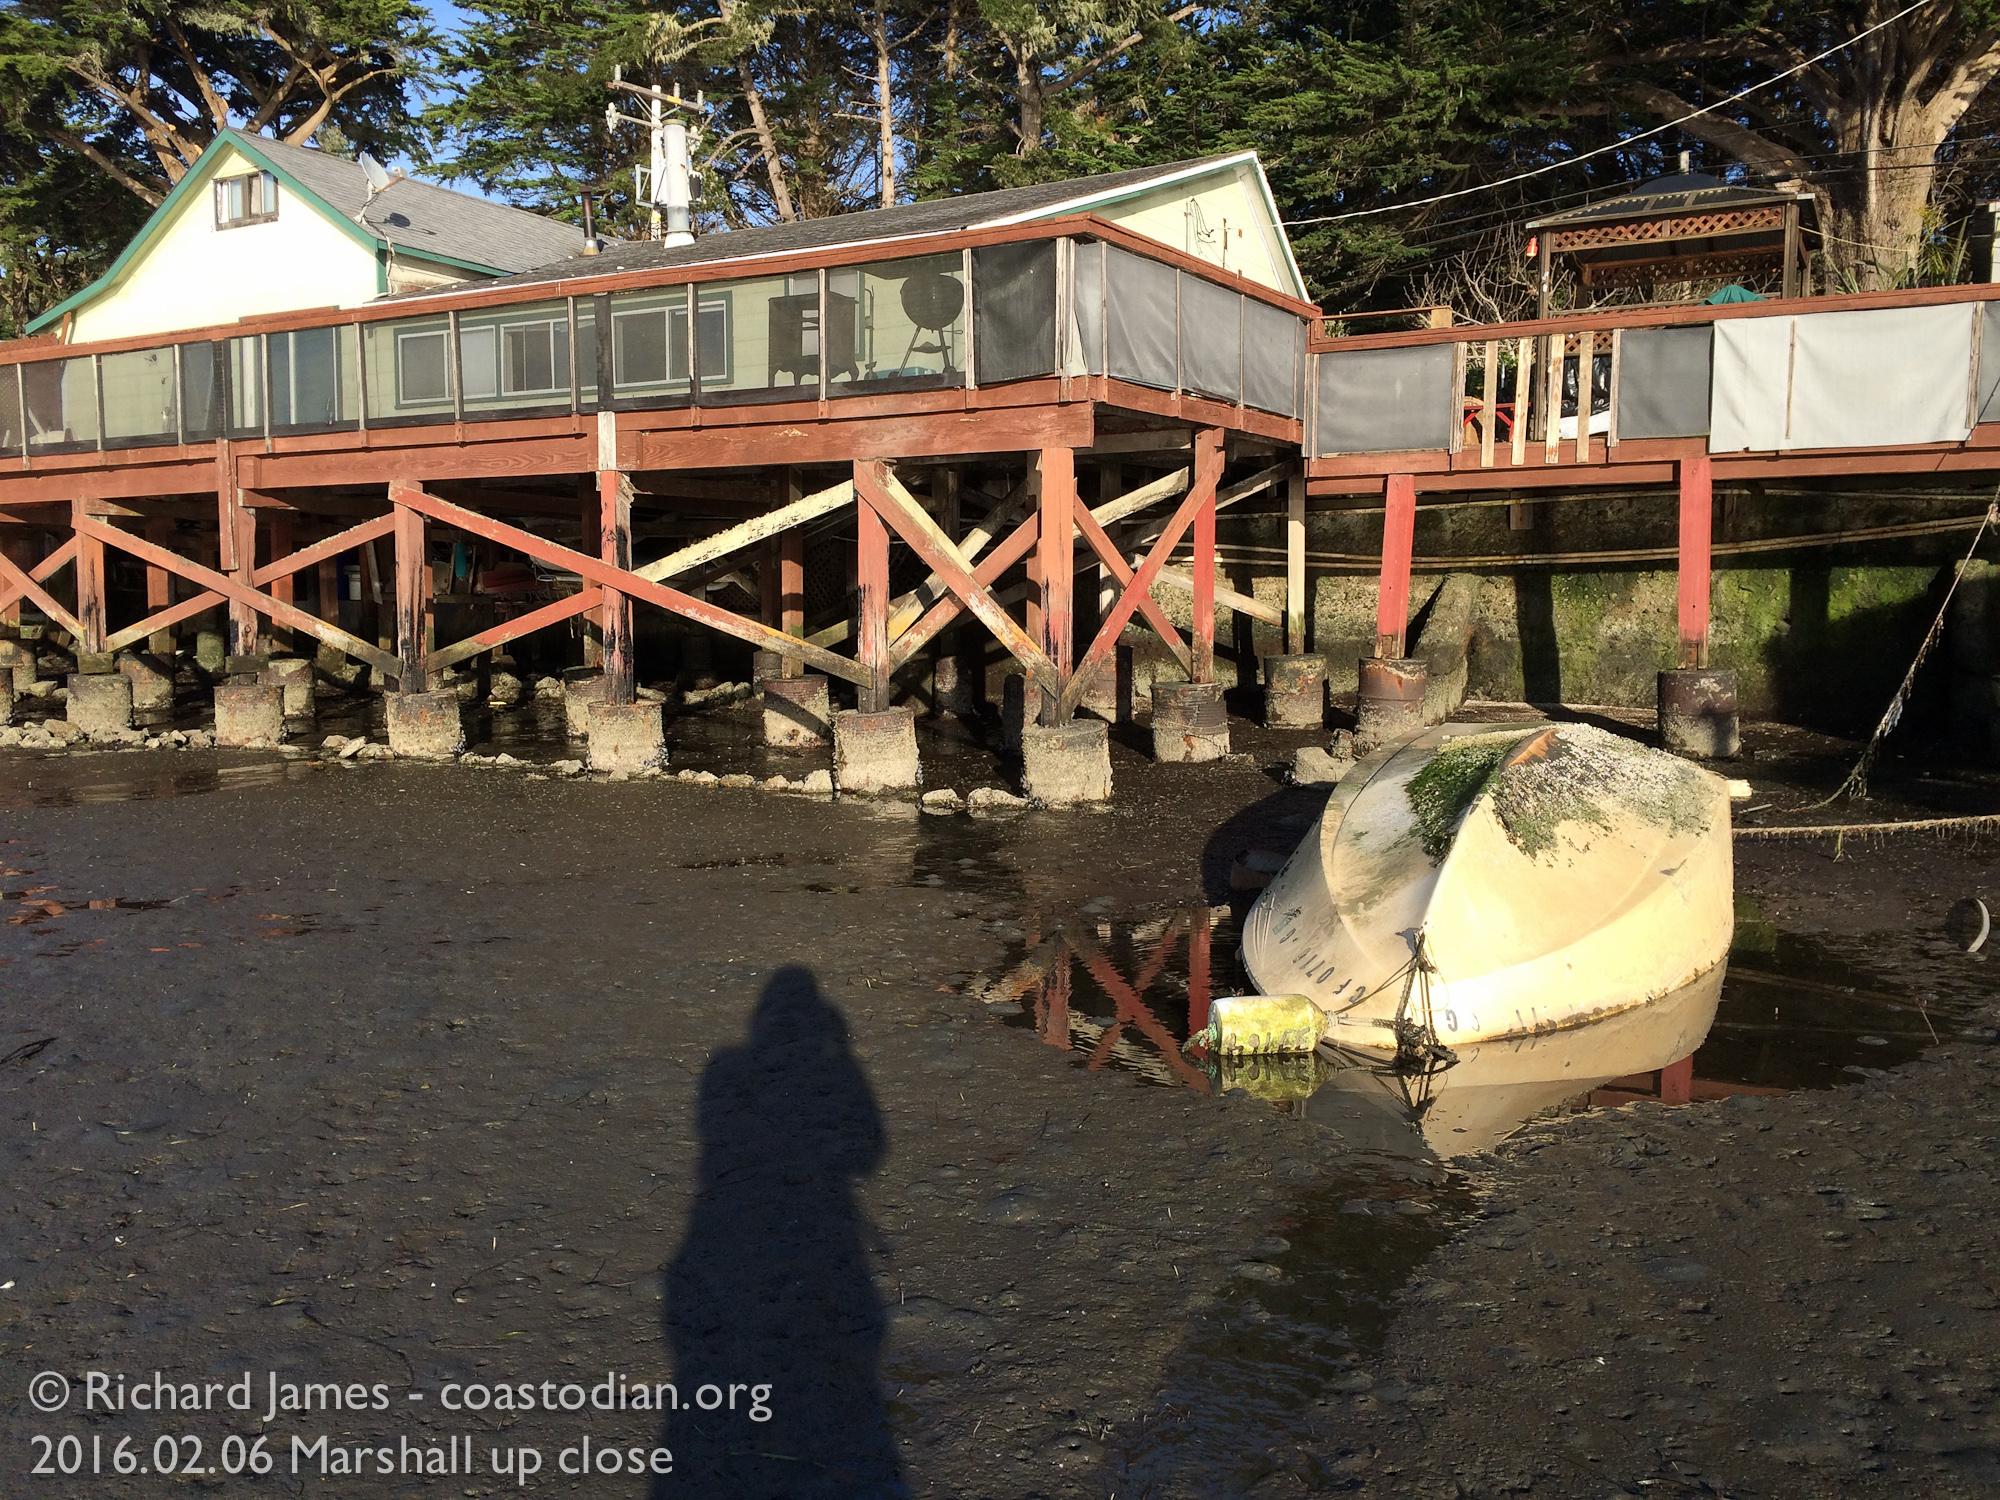 Capsized boat ©Richard James - coastodian.org